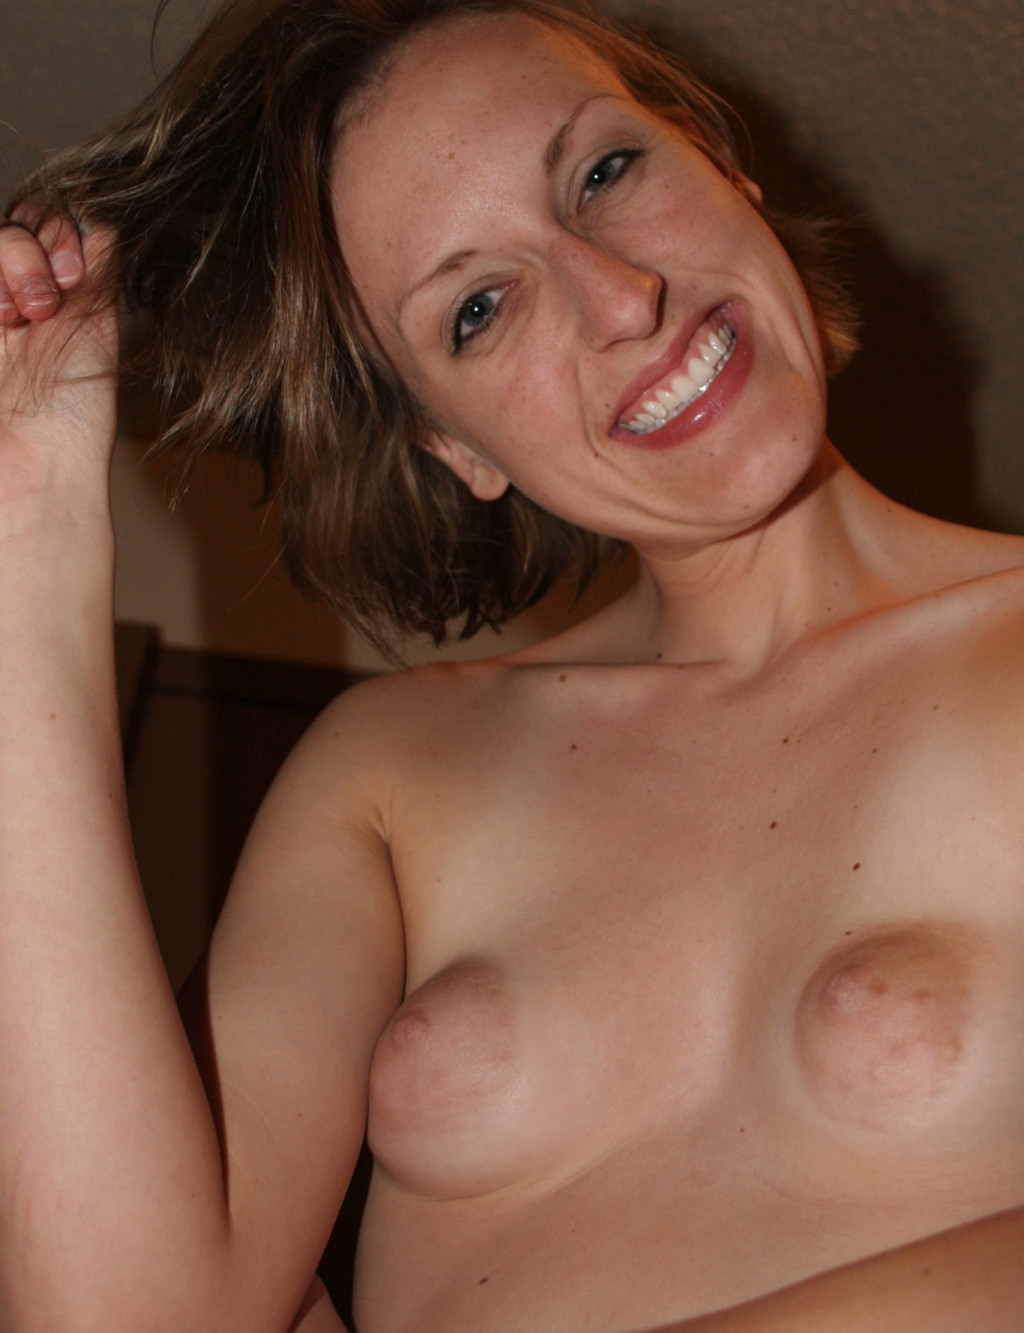 Vindt jij mijn borsten ook zo lelijk :(